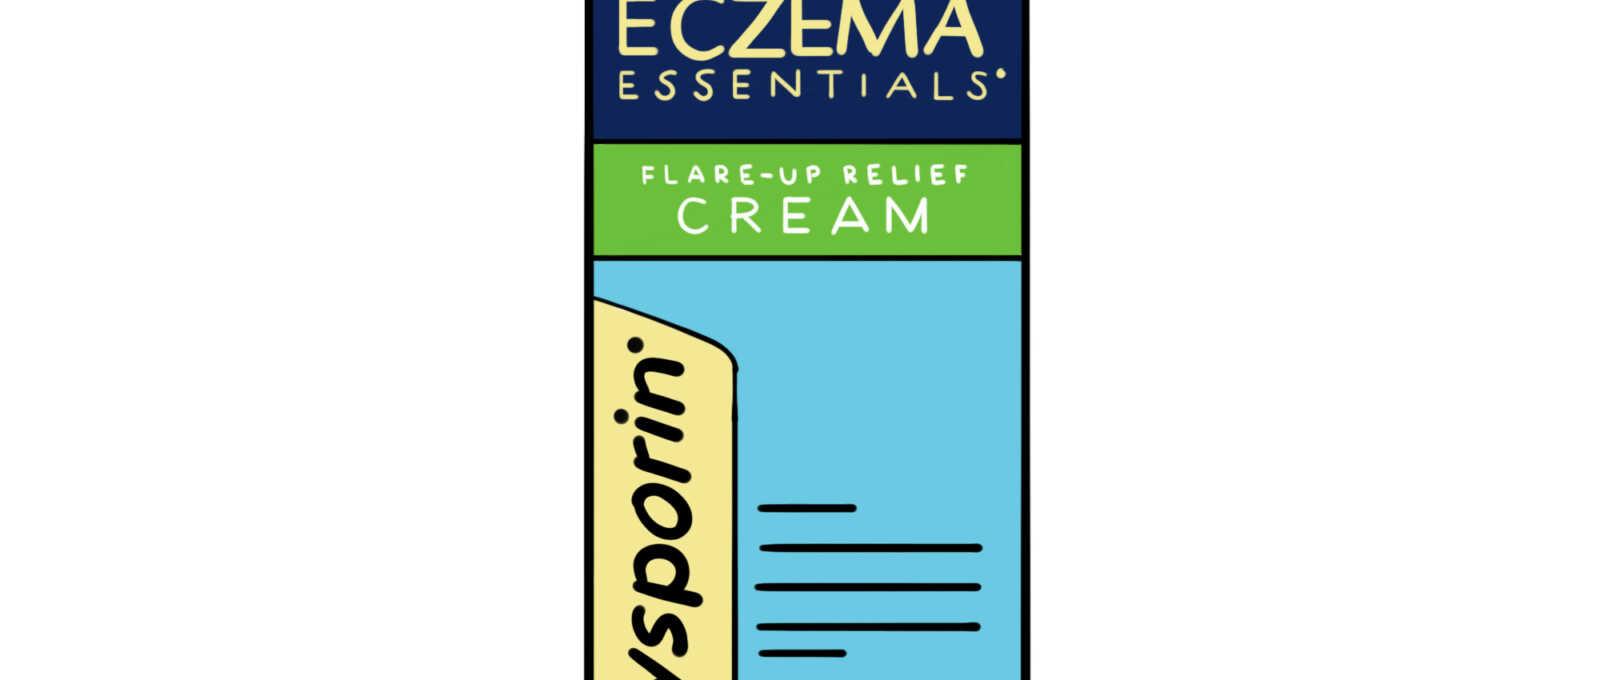 Polysporin® Eczema Essentials® 1% Hydrocortisone